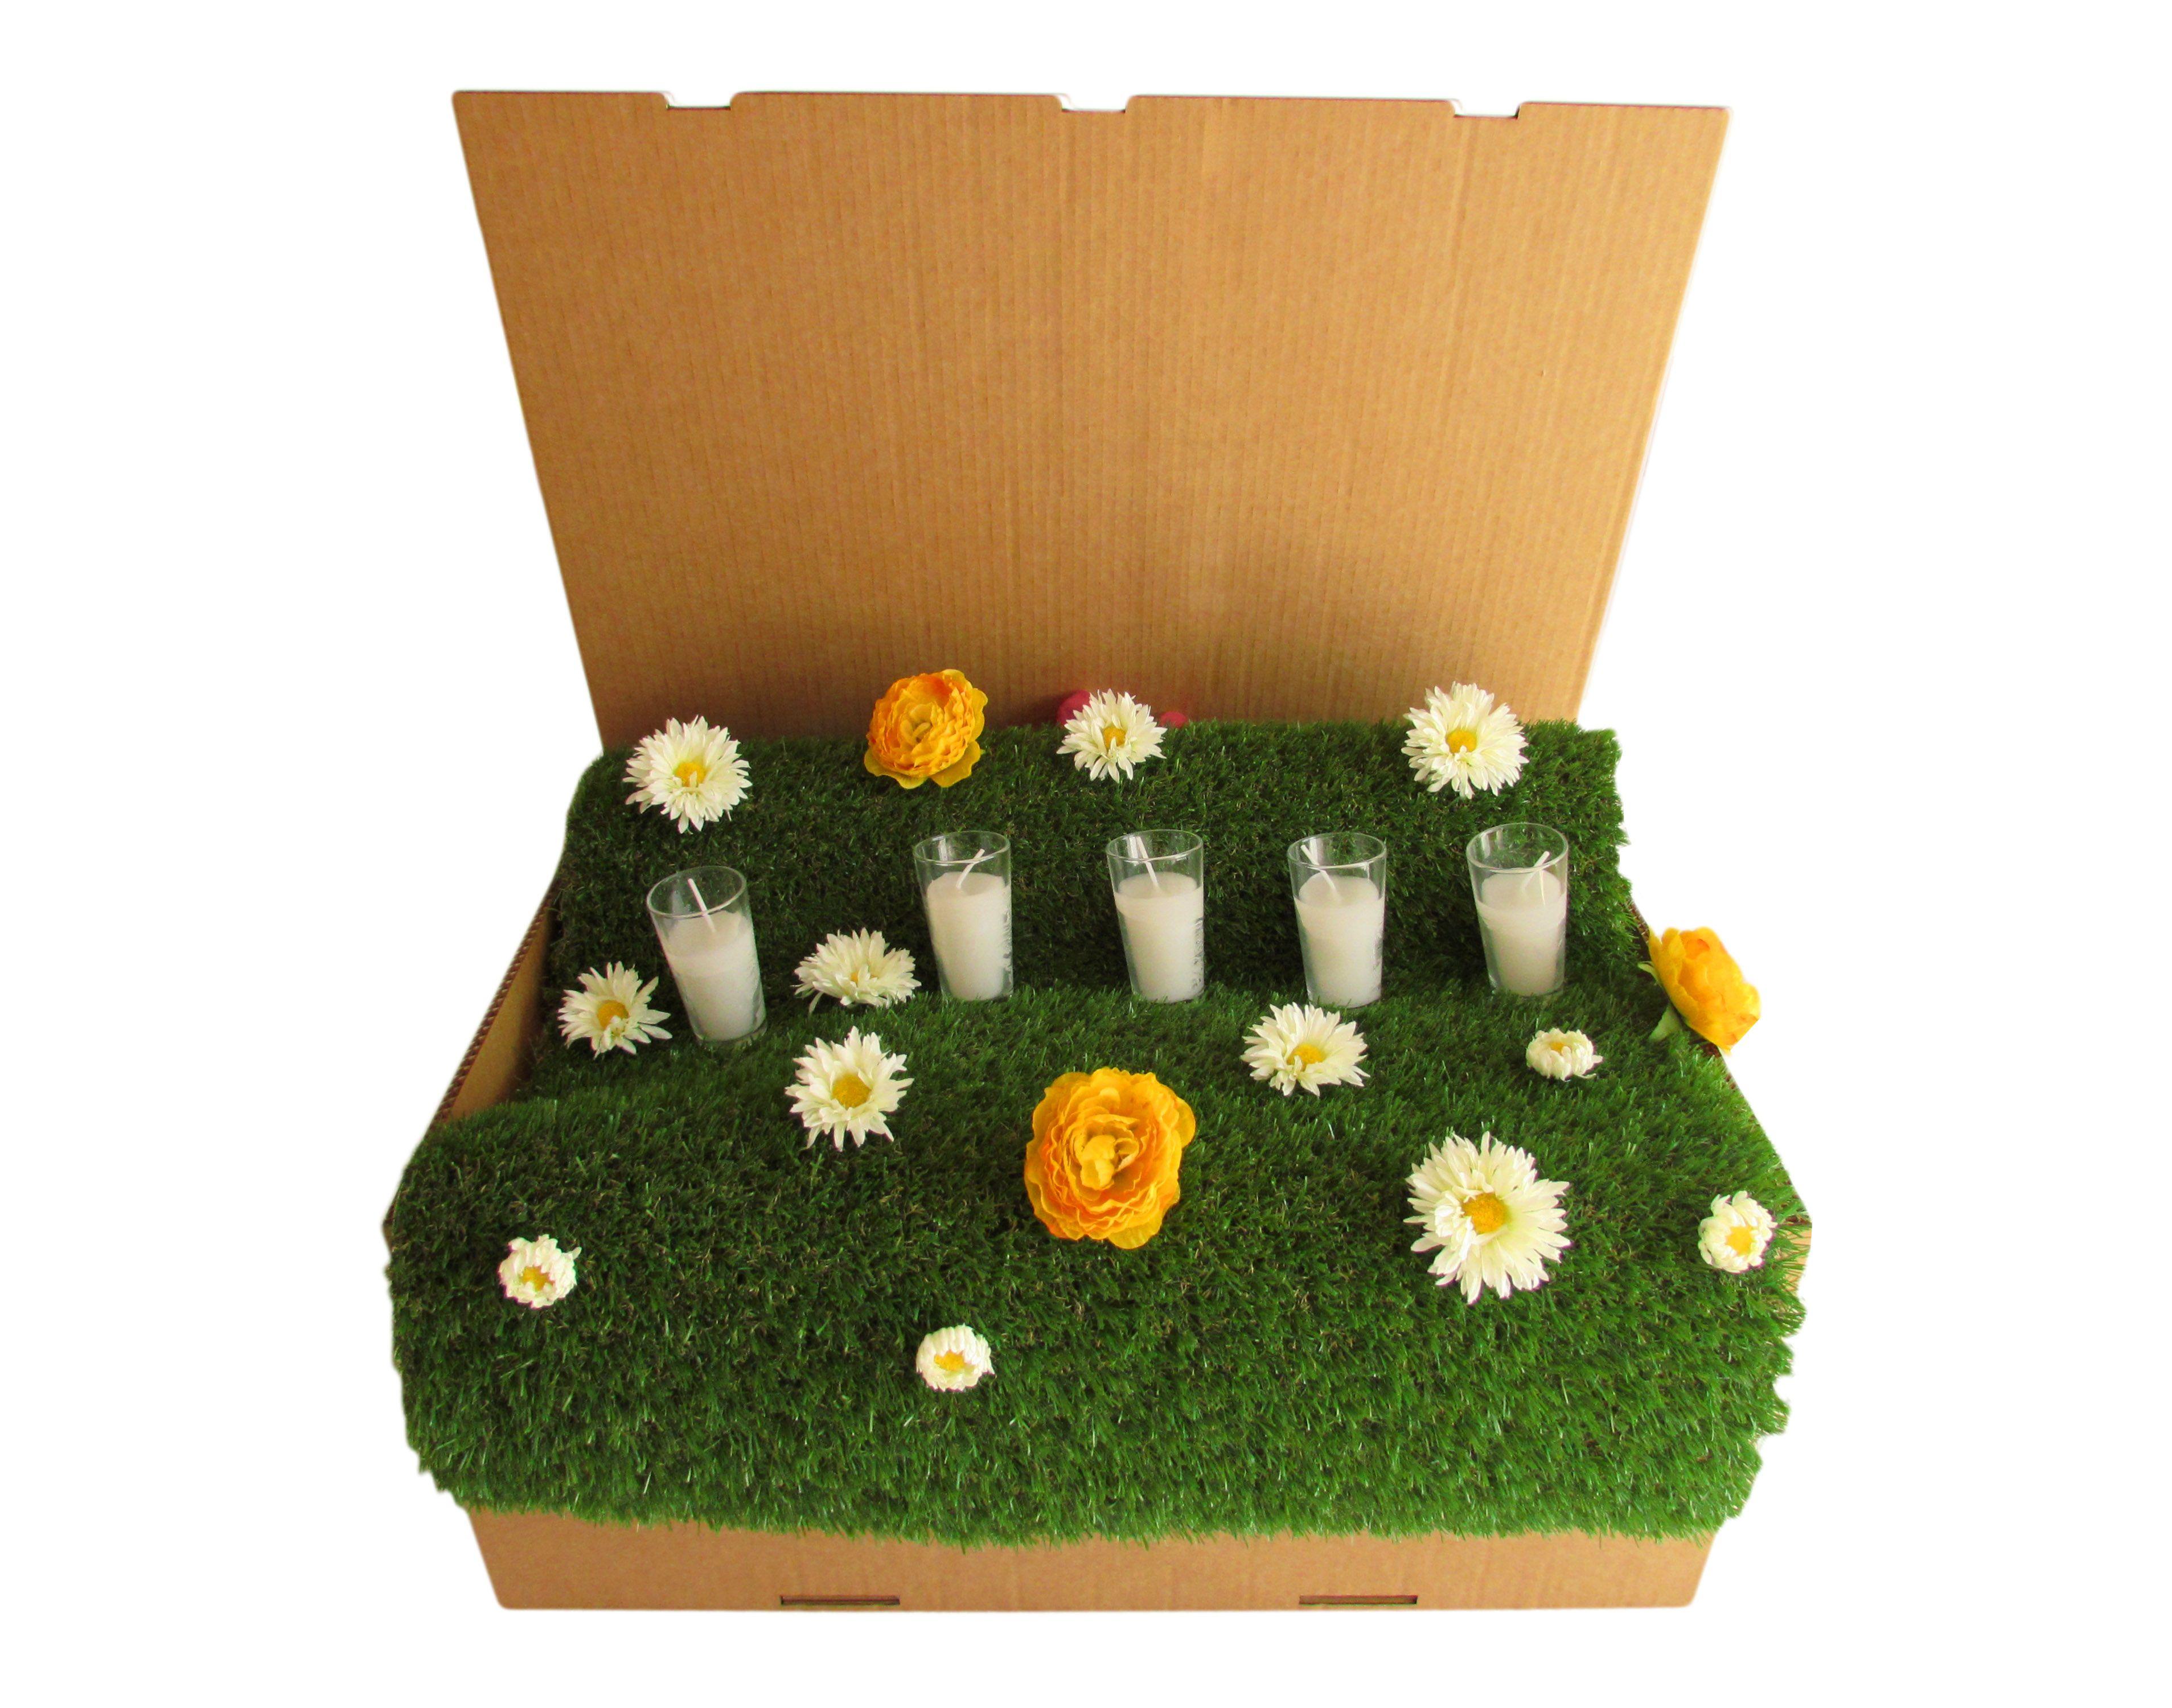 [CAJA DE VERANO PRADO] Llévate tu caja de decoración comprometida desde 37€>>> https://www.decoracioncomprometida.es/categoria-producto/cajas-decorativas/decoracion-de-verano/  #Verano #DecoraciónEstacional #Decoración #CajasDeVerano #DecoraciónComprometida #100to14 #madeinspain